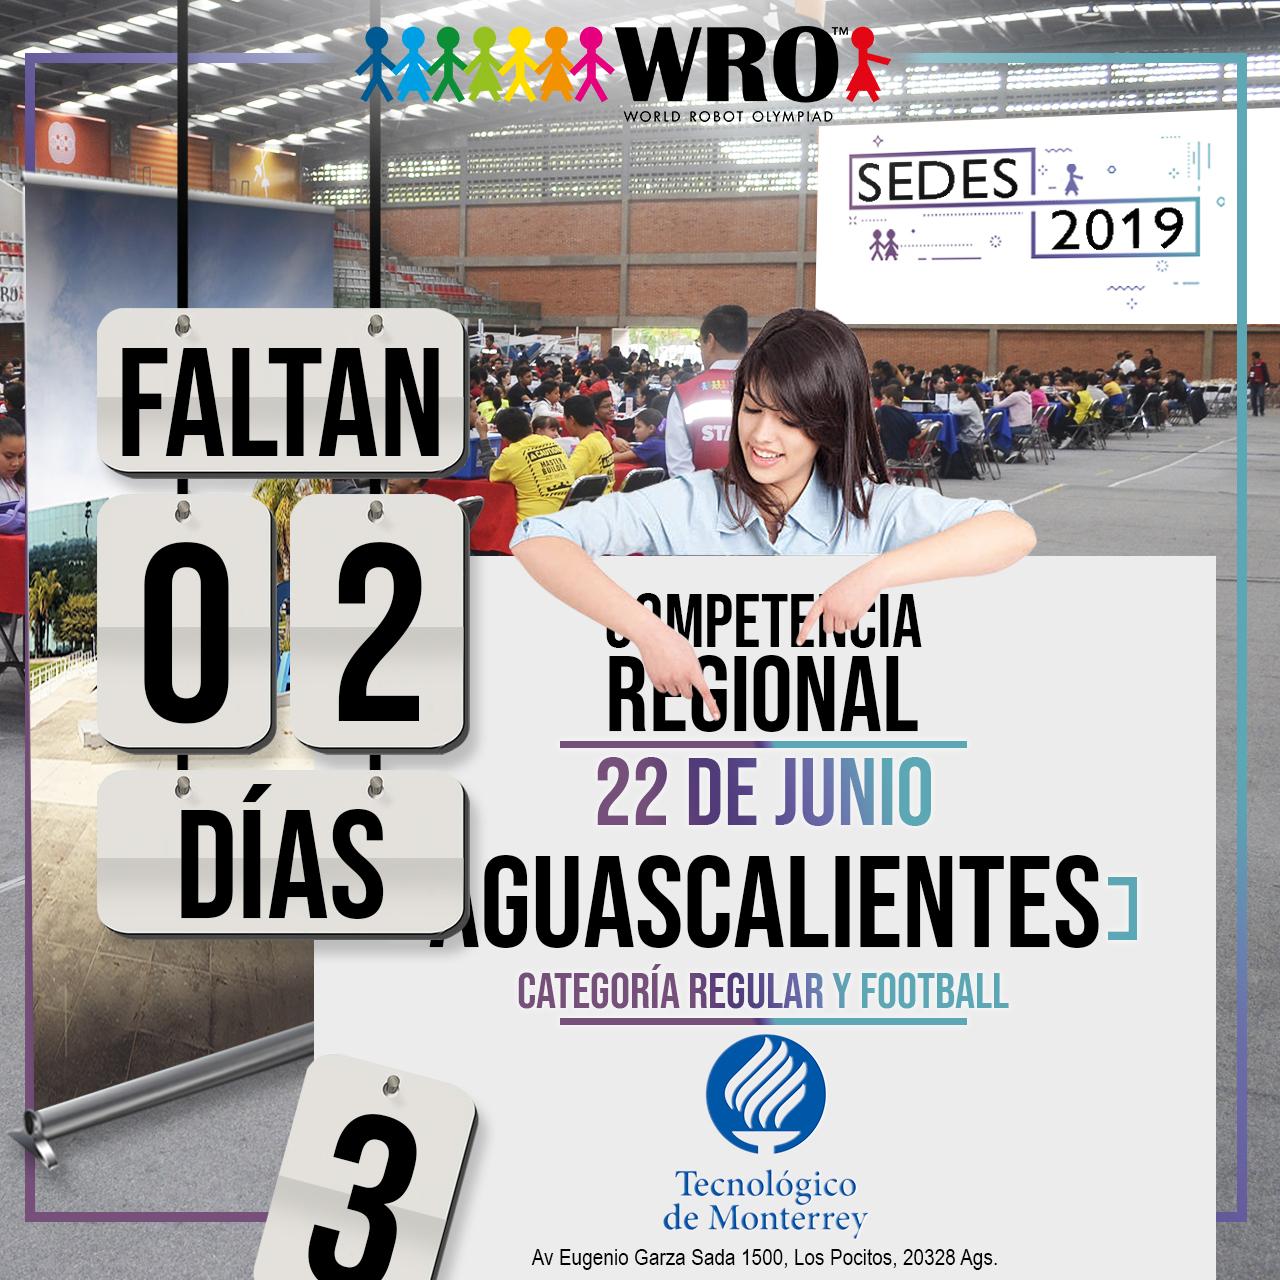 WRO México | Faltan 2 días Sede Aguascalientes